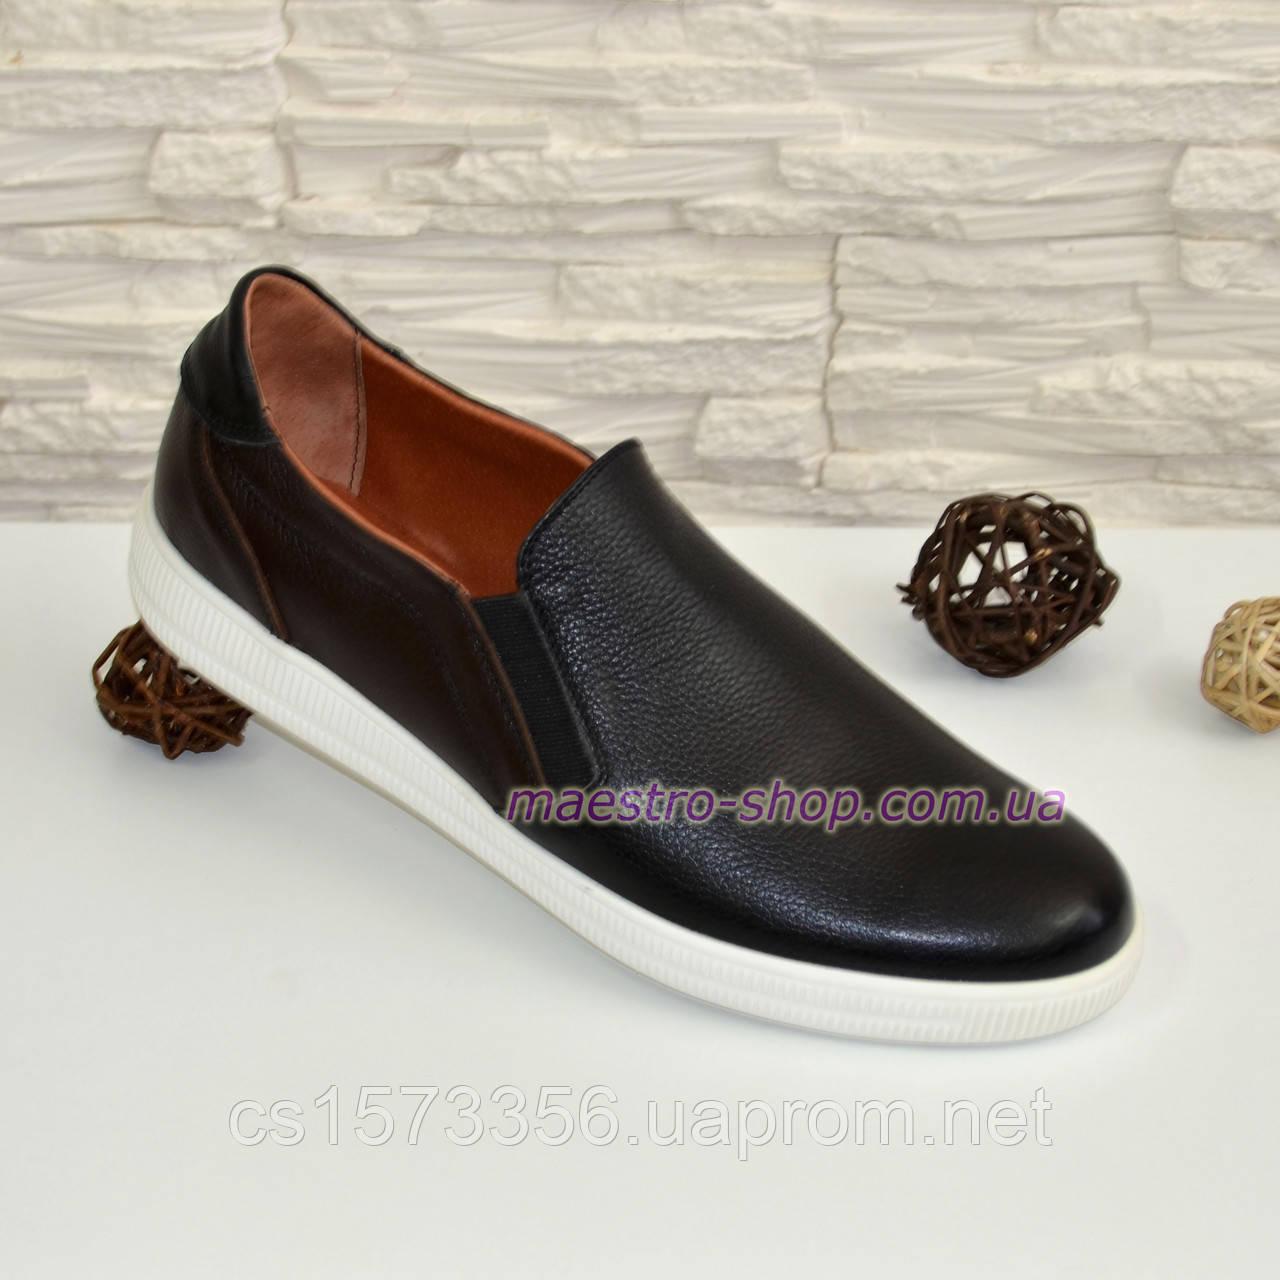 Мужские туфли-мокасины на плоской подошве, черного и коричневого цвета